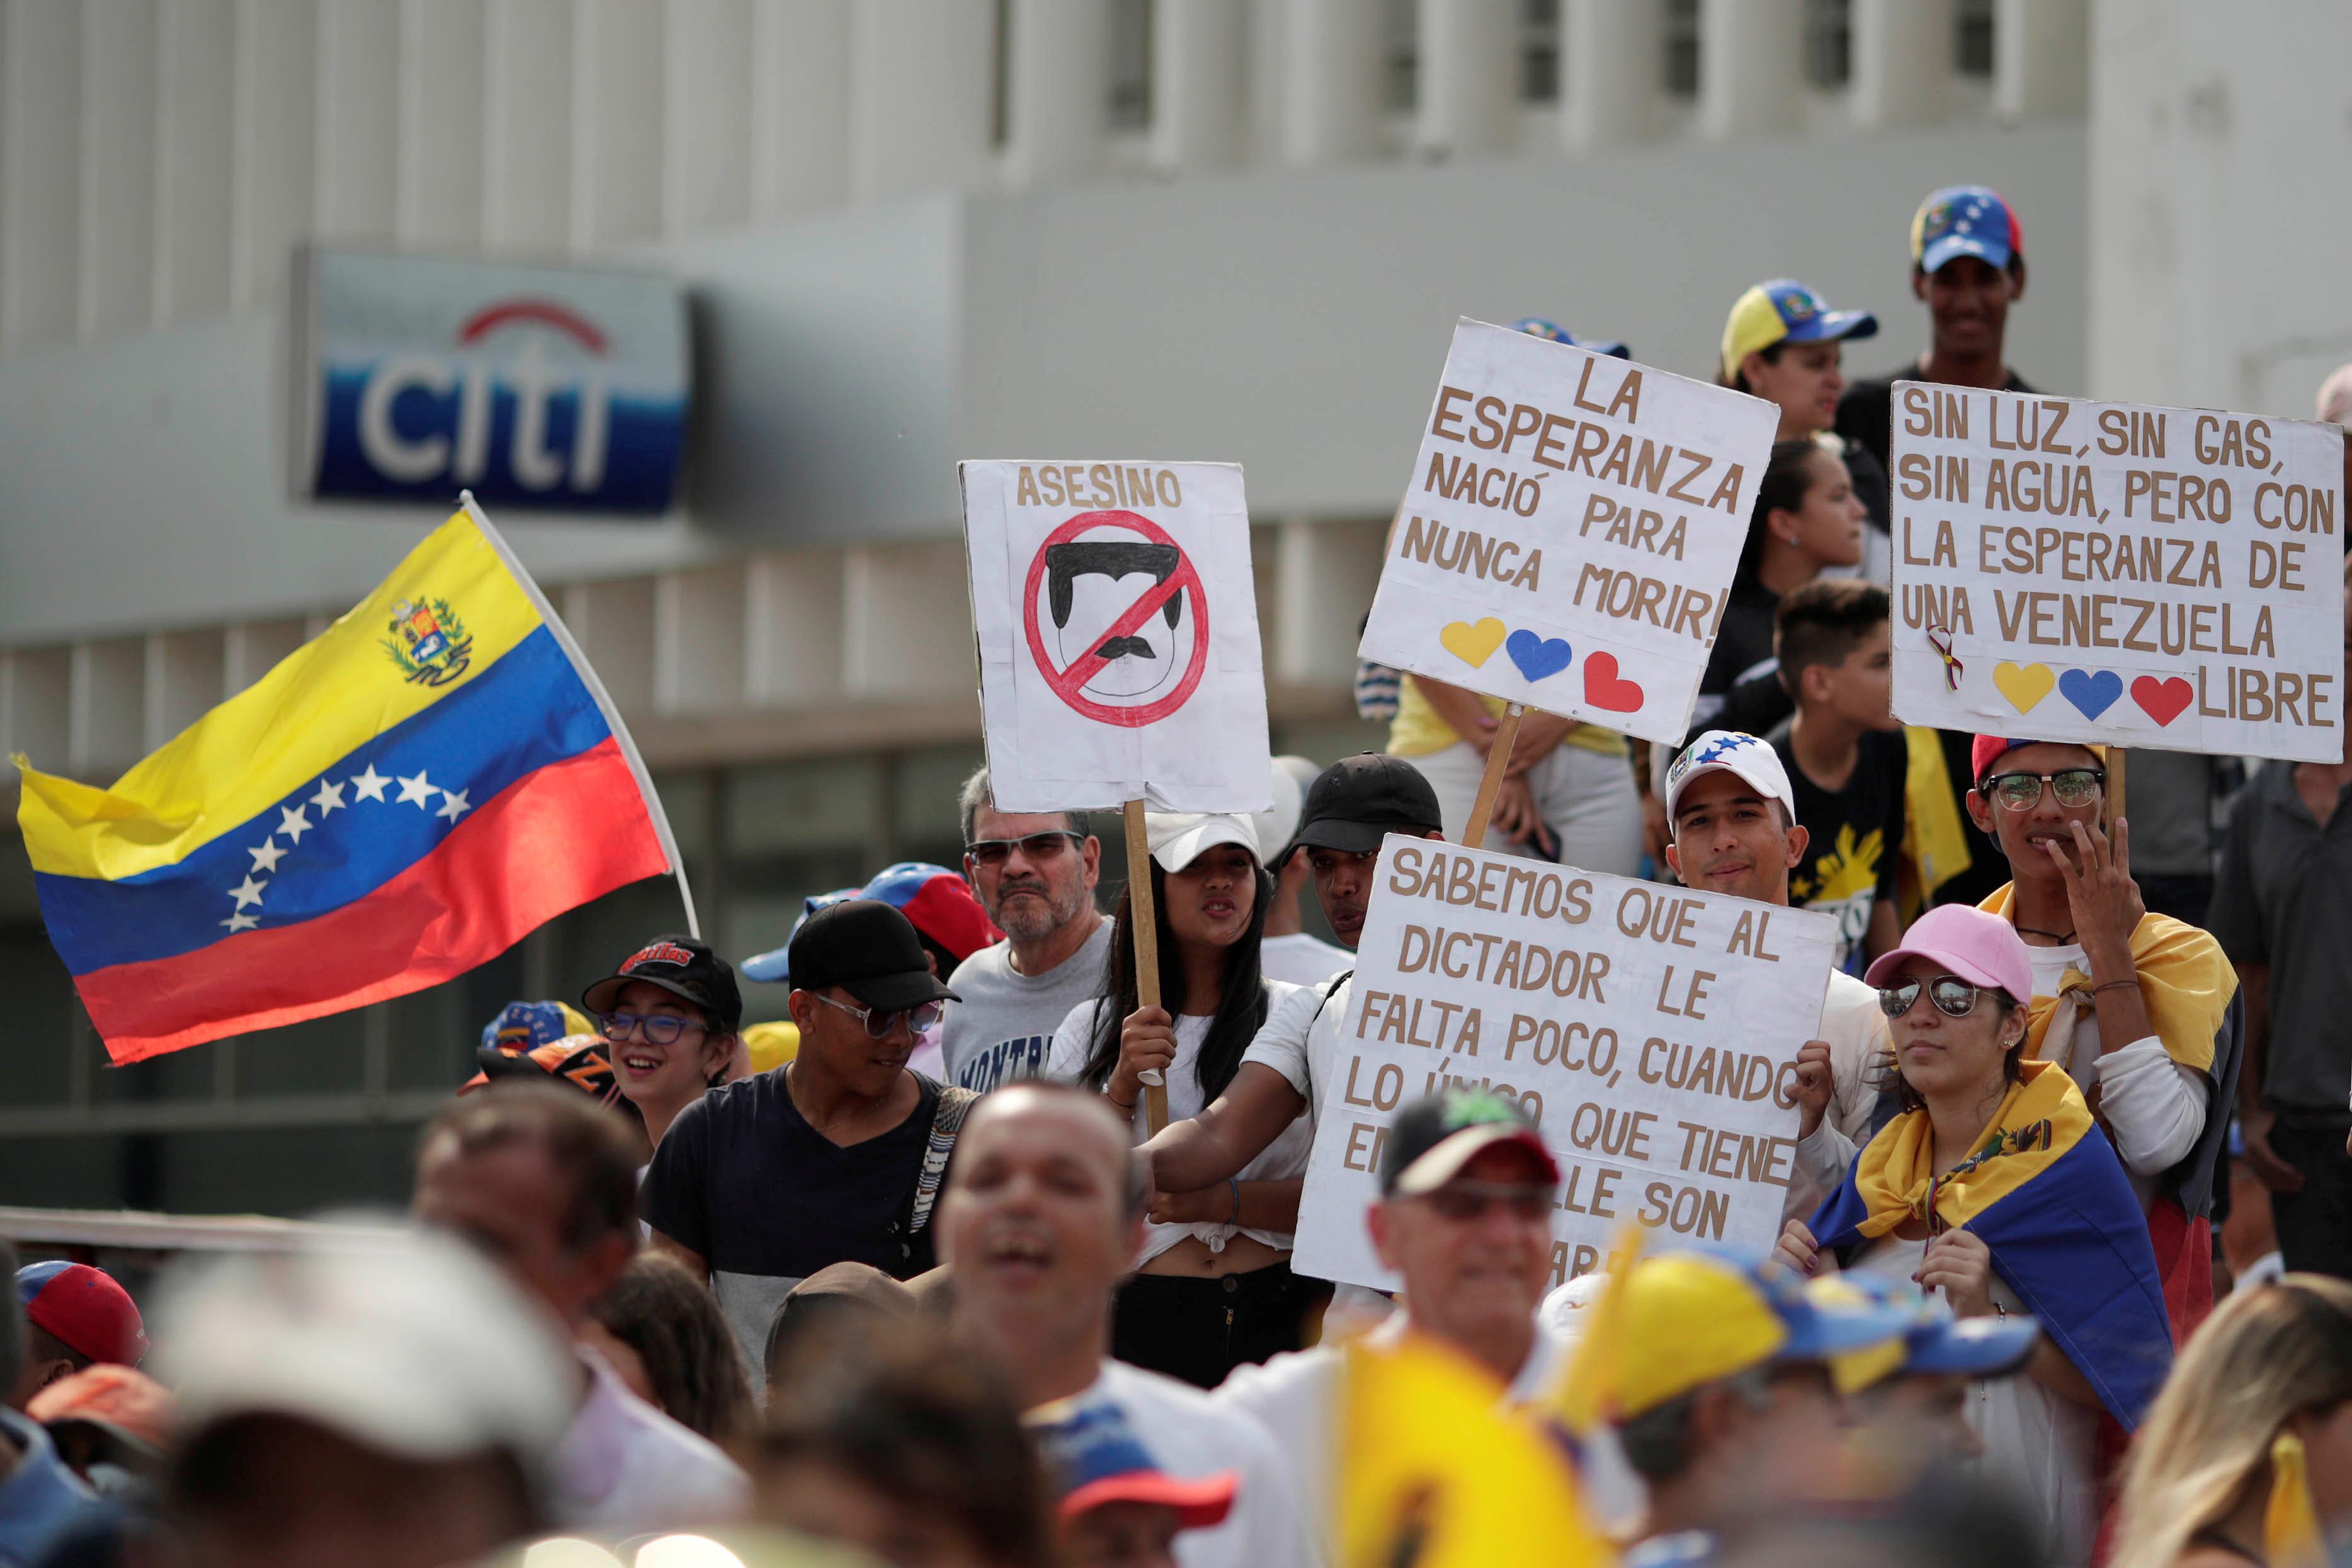 زعيم المعارضة الفنزويلية جوايدو يشارك في مظاهرة خلال زيارته لماراكايبو 12